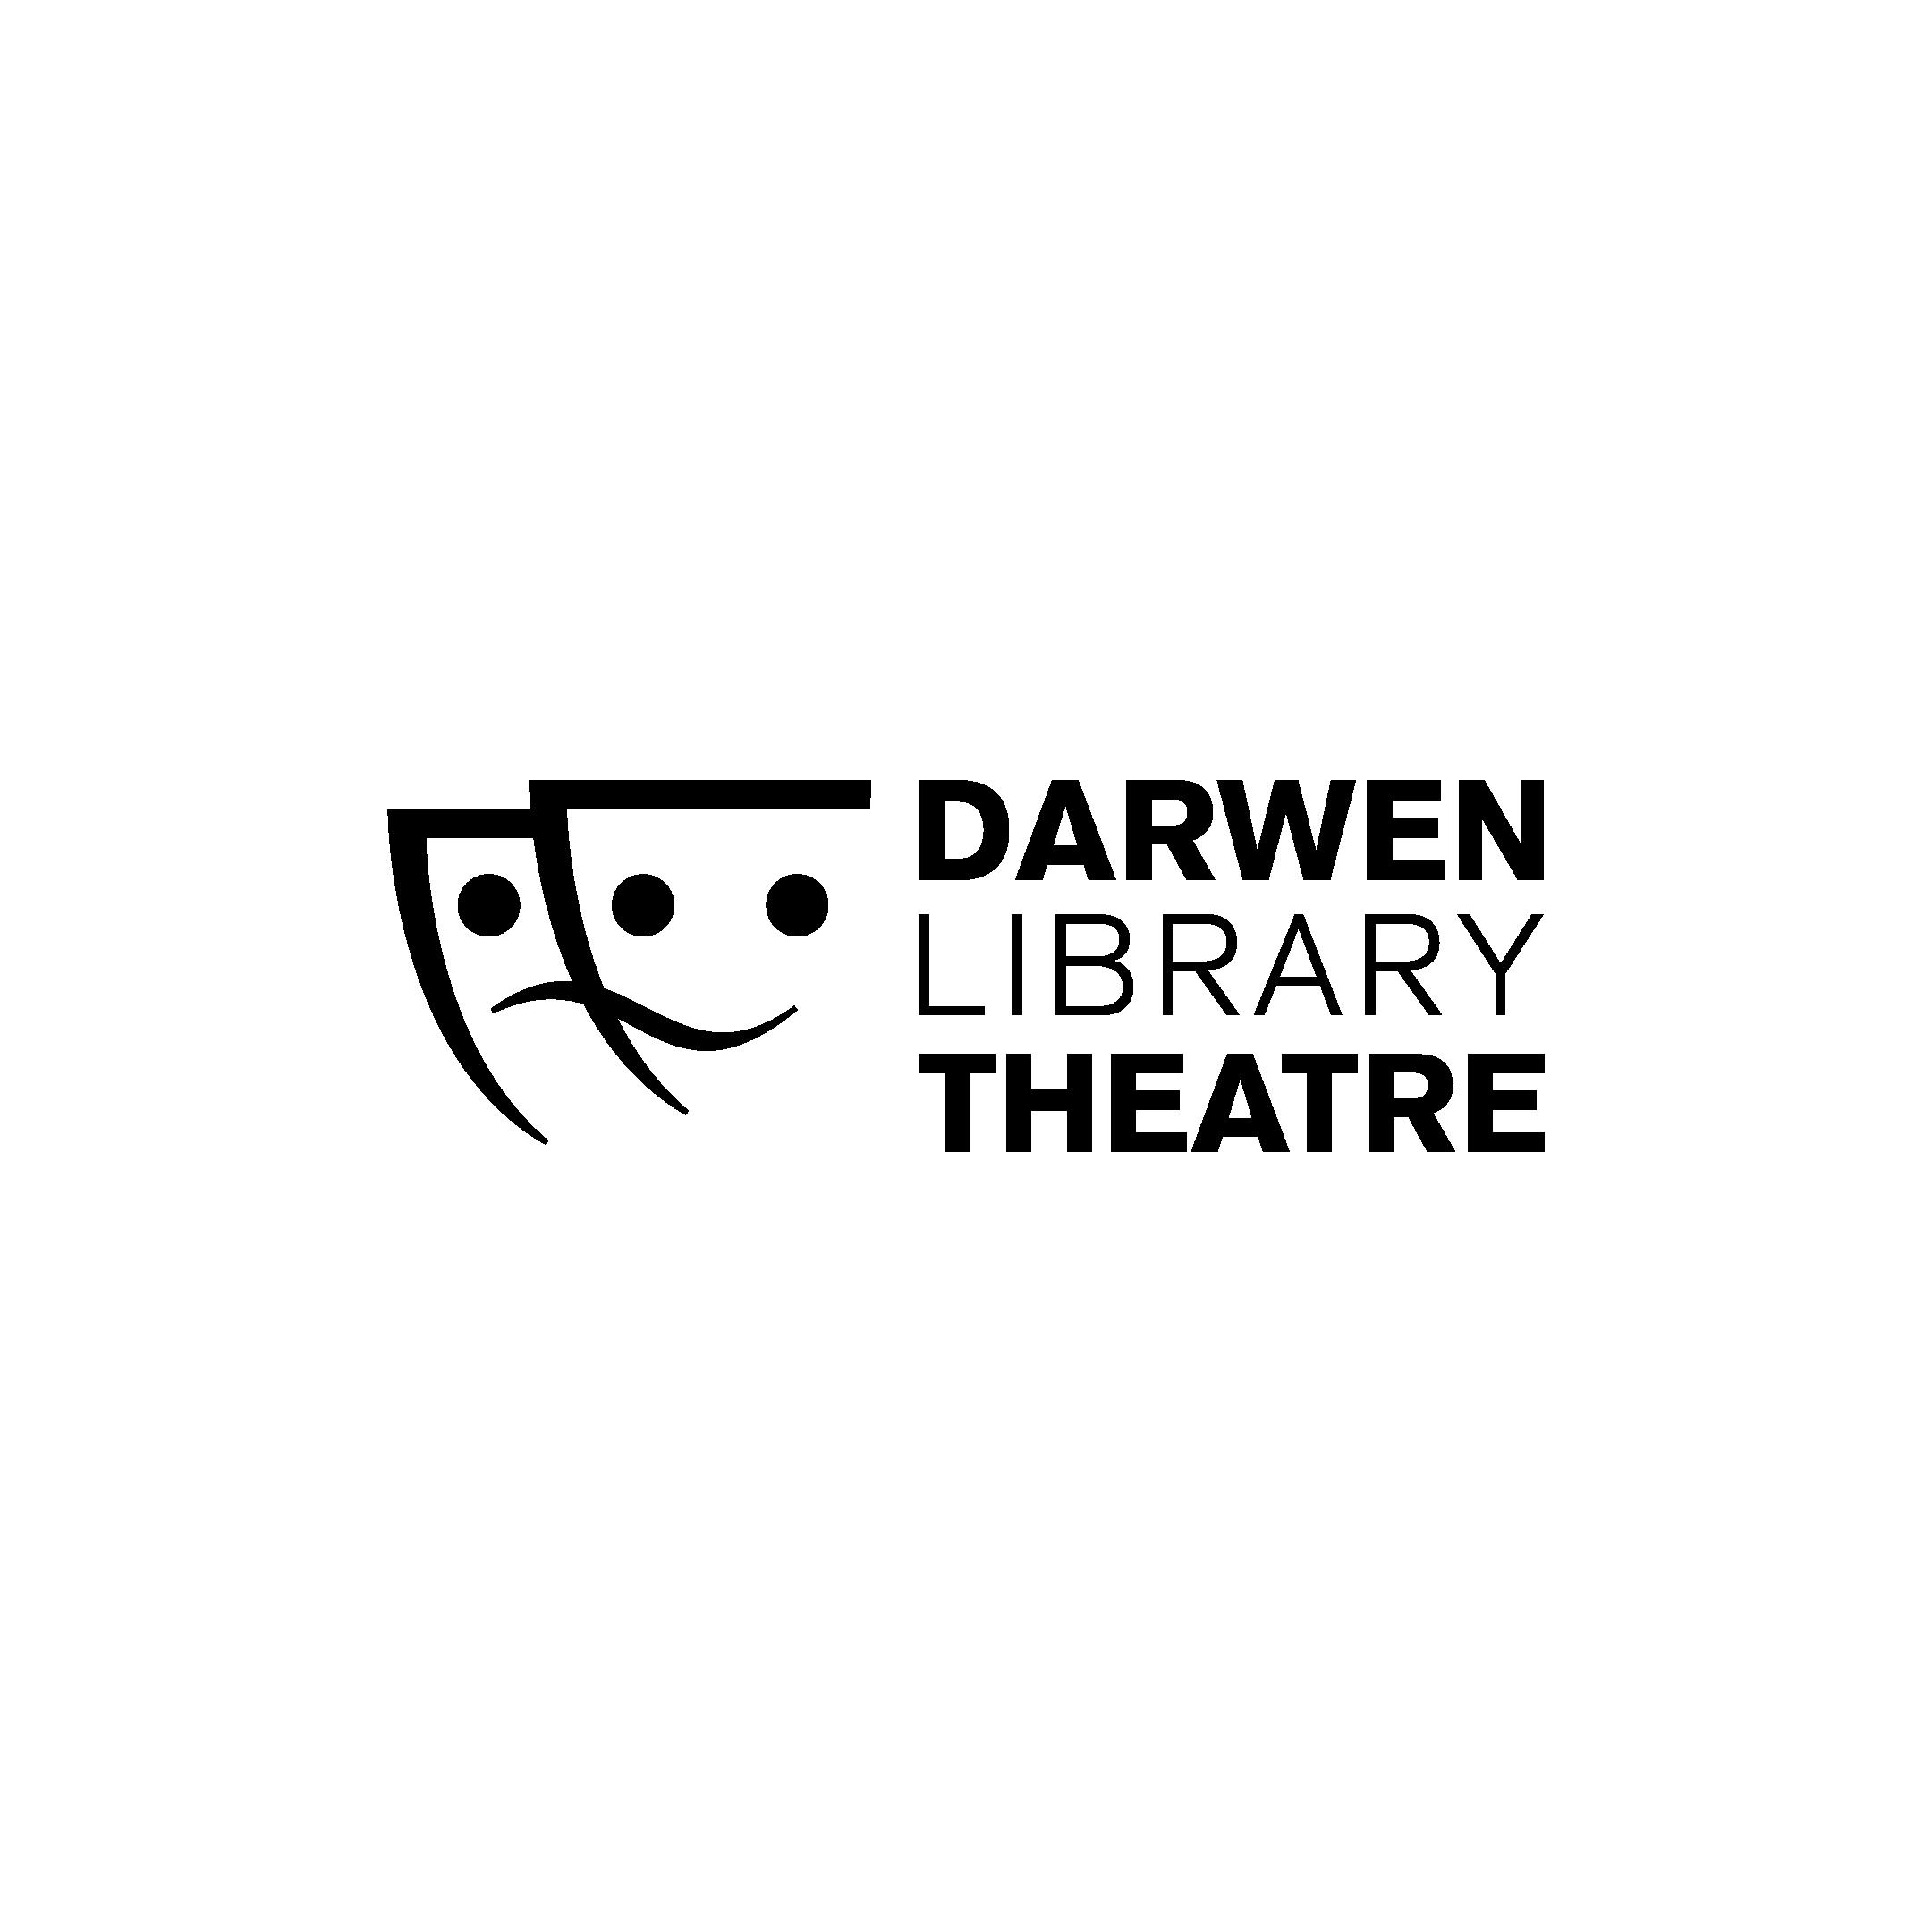 Logo_Darwen-Library-Theatre